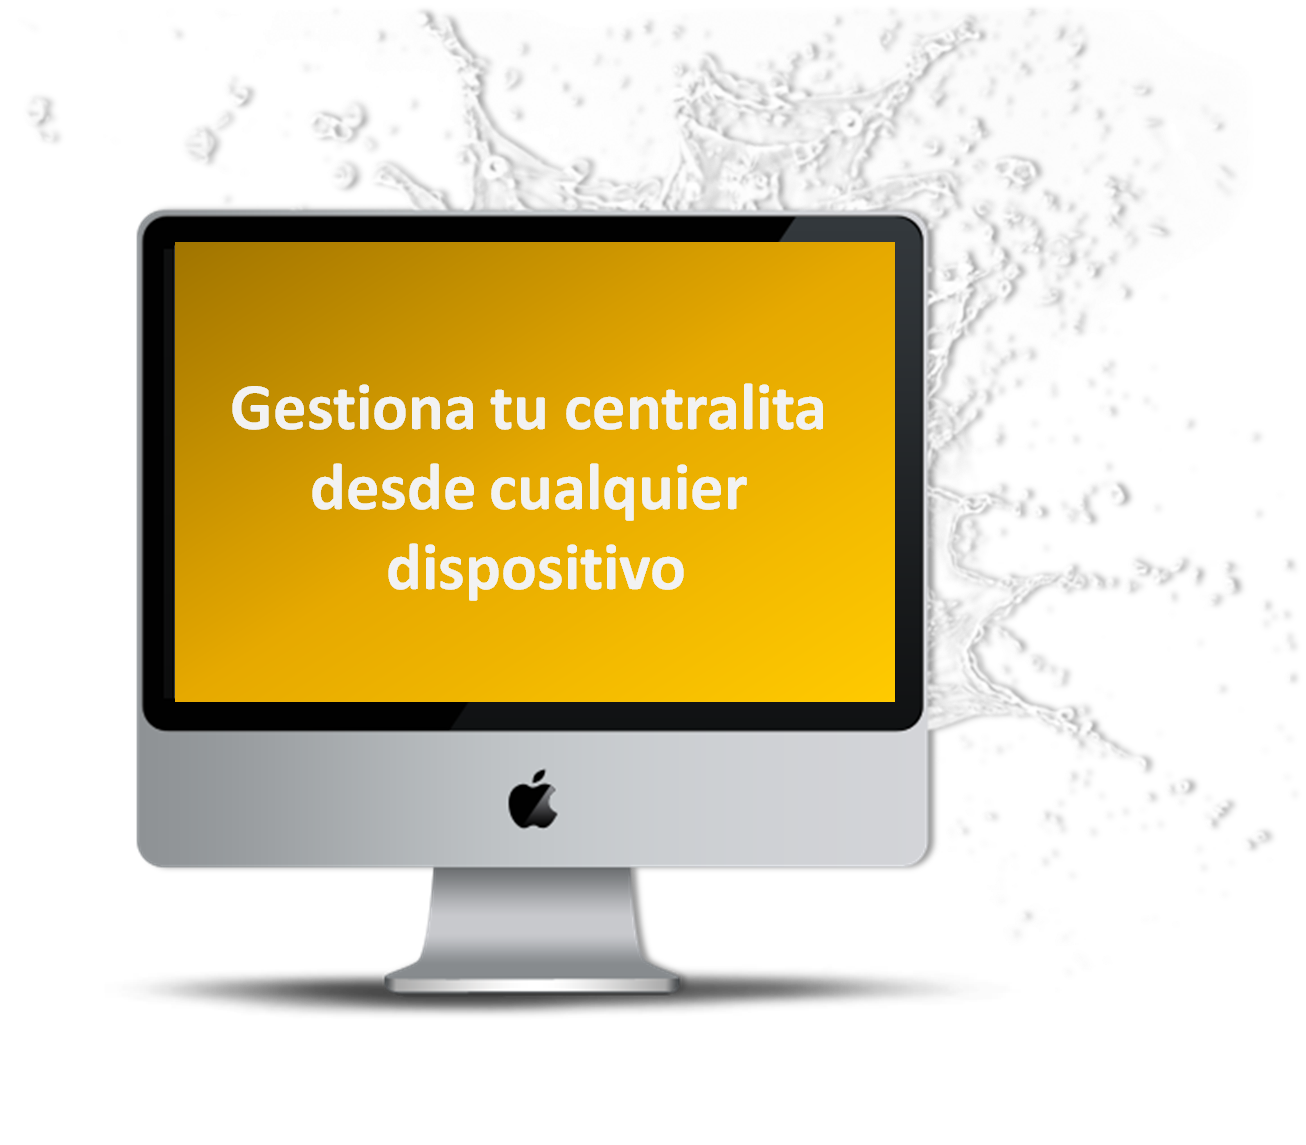 Centralita virtual 4